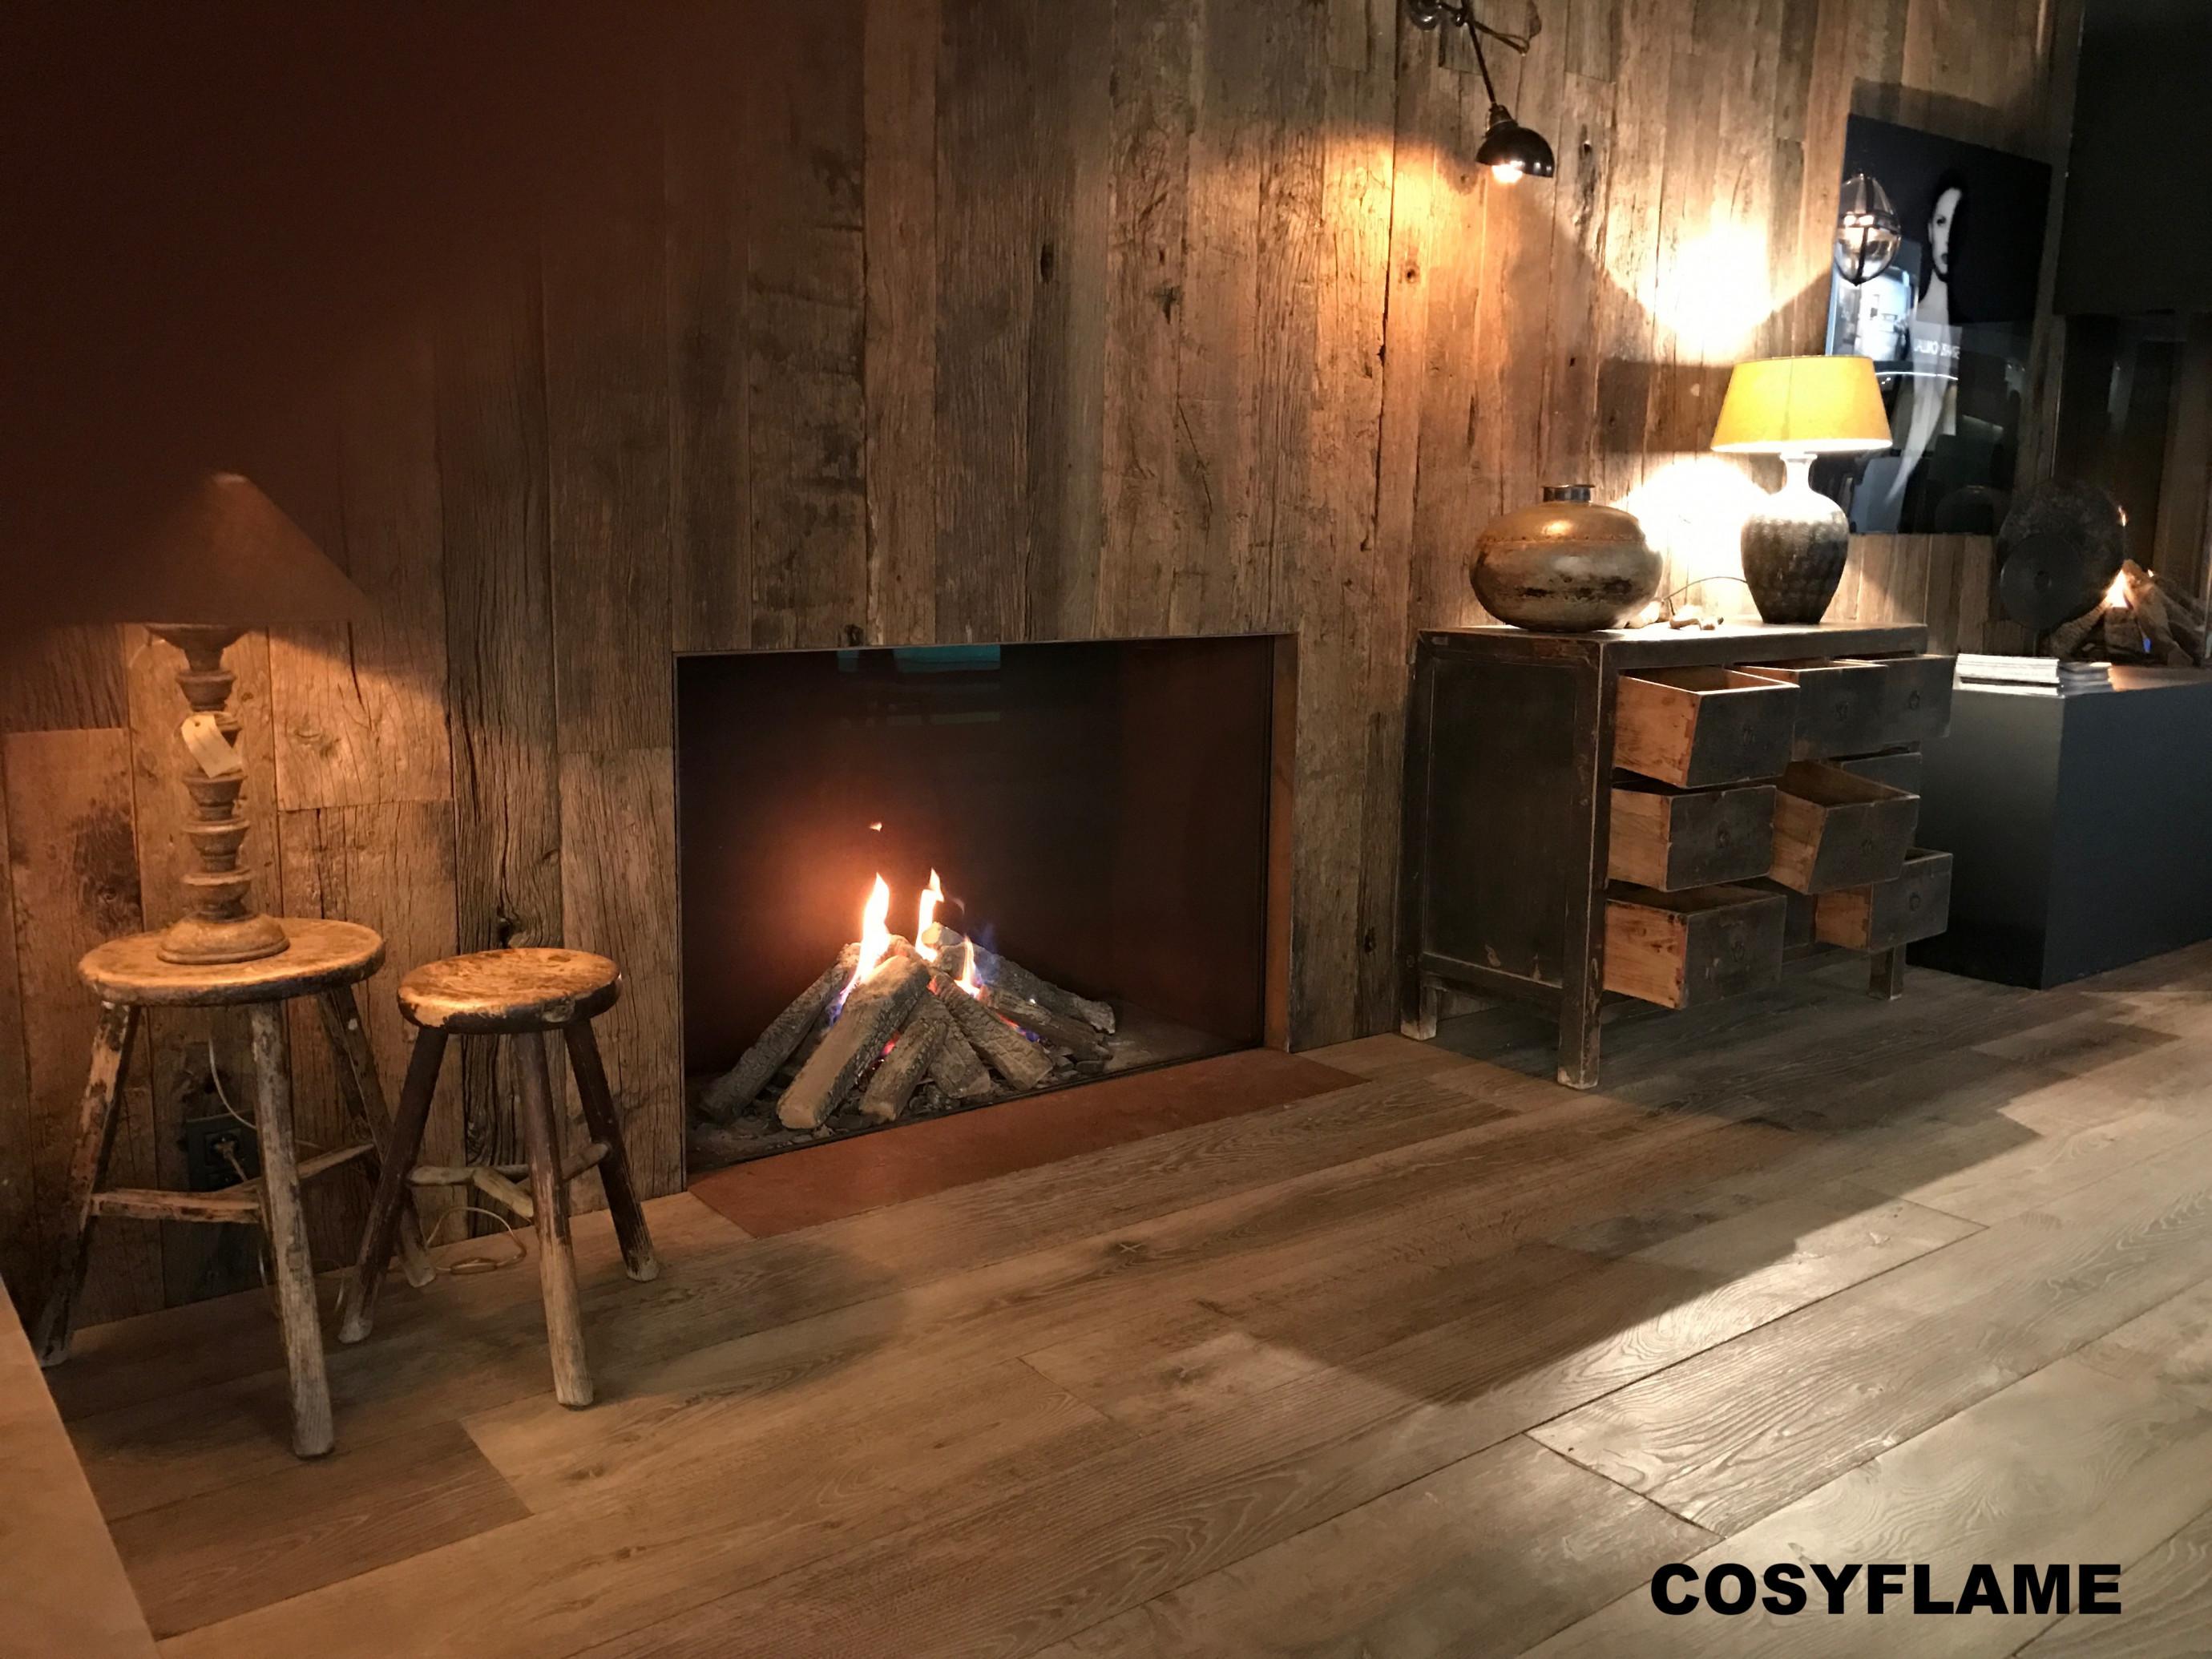 Cosyflame Incognito gesloten gashaard die is ingebouwd in een barnwood meubelwand